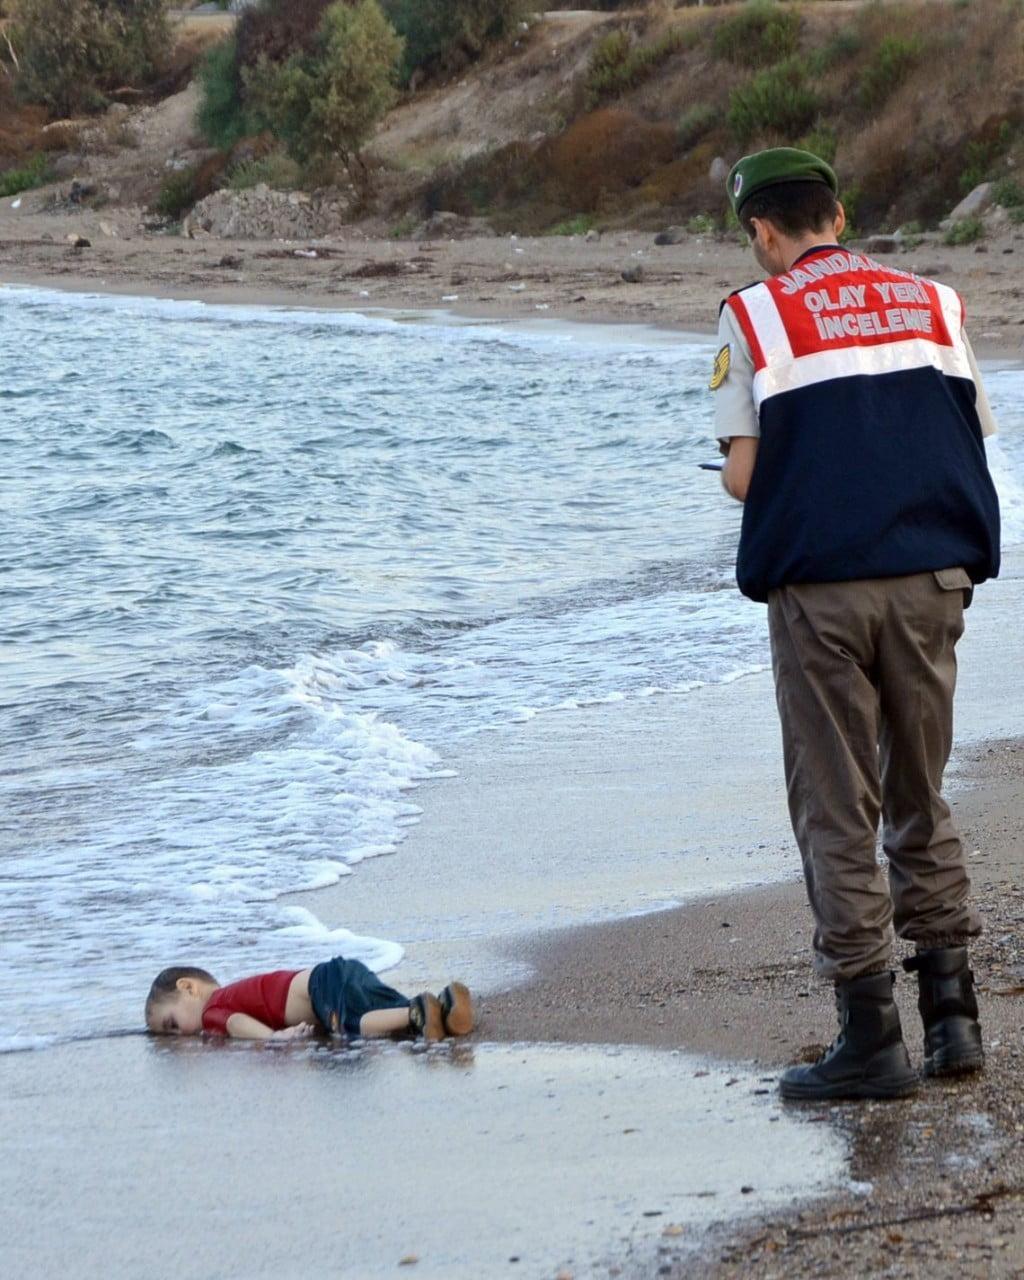 3-year-old Aylan Kurdi